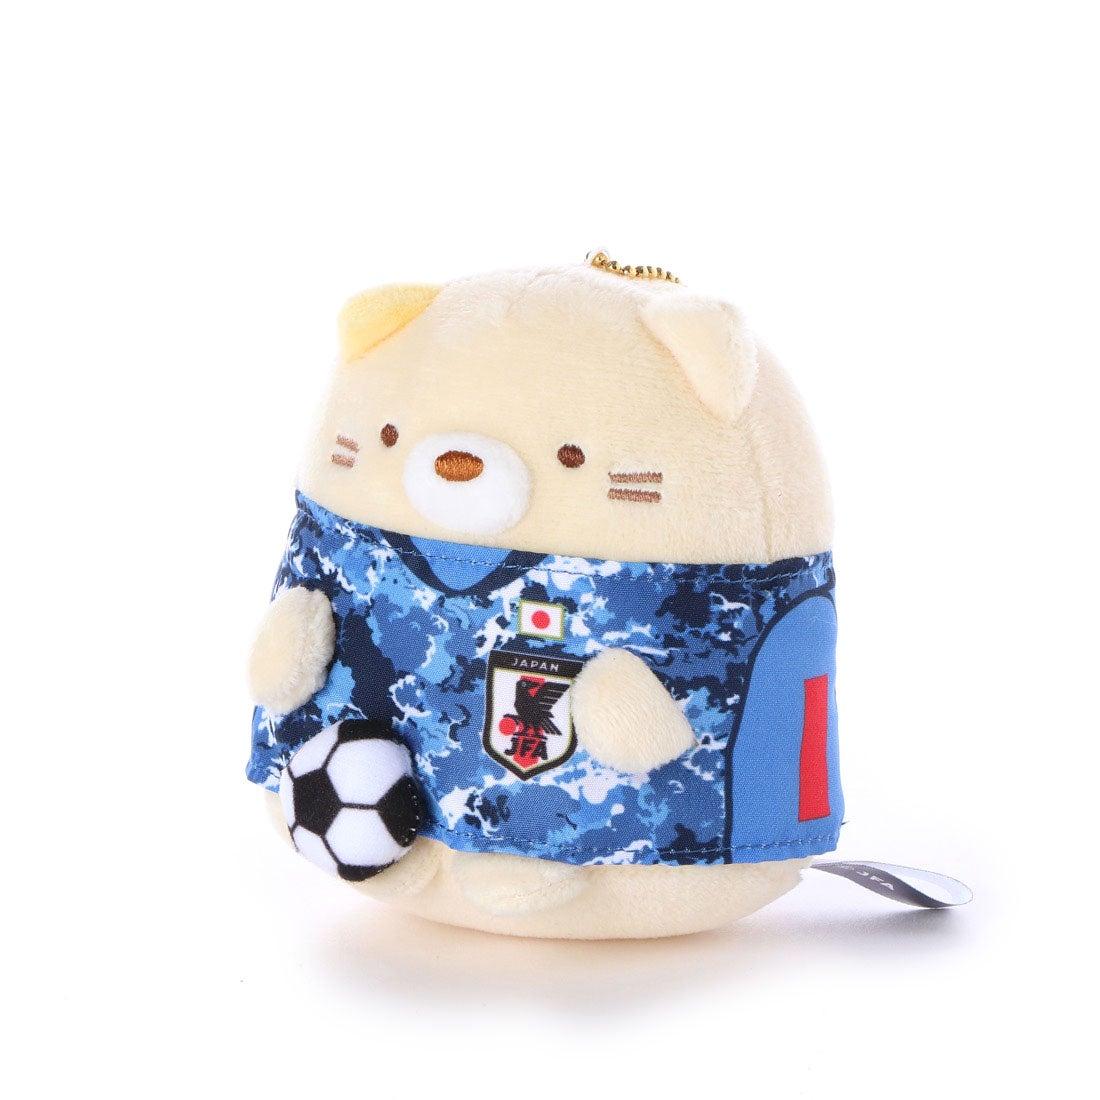 アルペンセレクト Alpen select メンズ サッカー/フットサル ライセンスグッズ サッカー日本代表チーム すみっコぐらしマスコットボールチェーン ねこ JFA20SS004